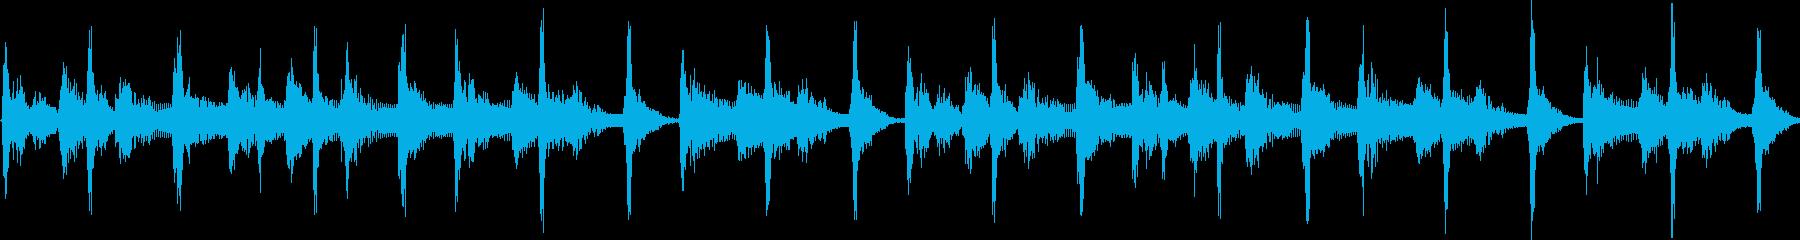 レゲエ風の短いジングル(ループ)の再生済みの波形